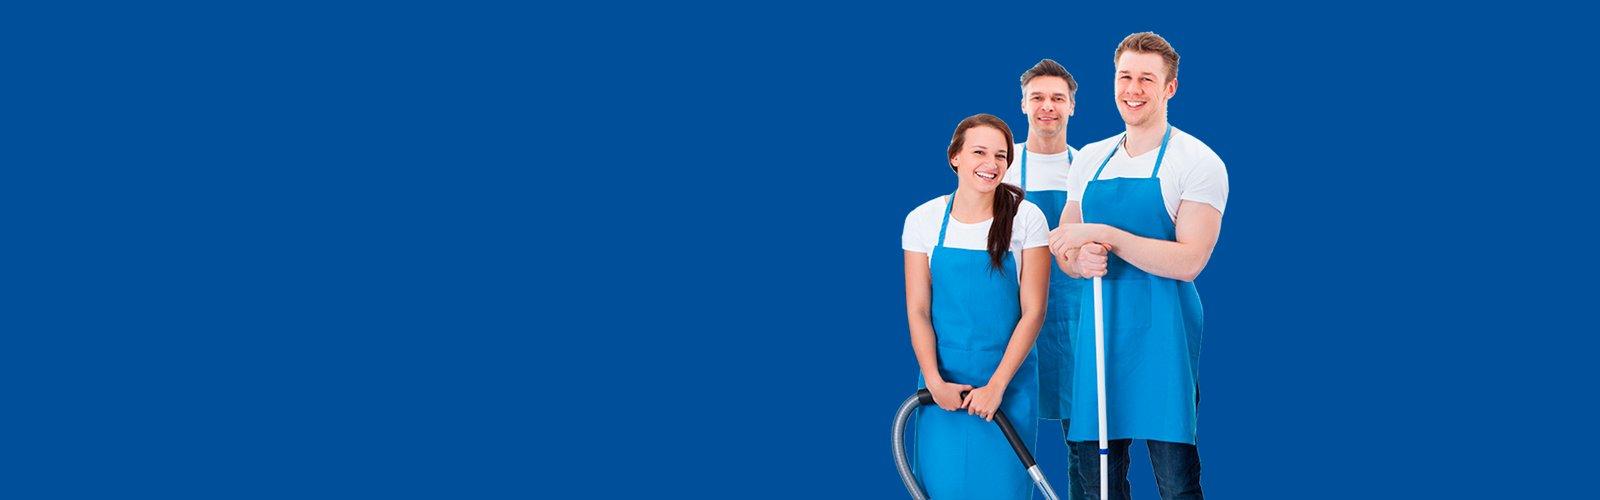 Empresa de limpieza en Santander I Limpiezas integrales Cantabria - Telymca